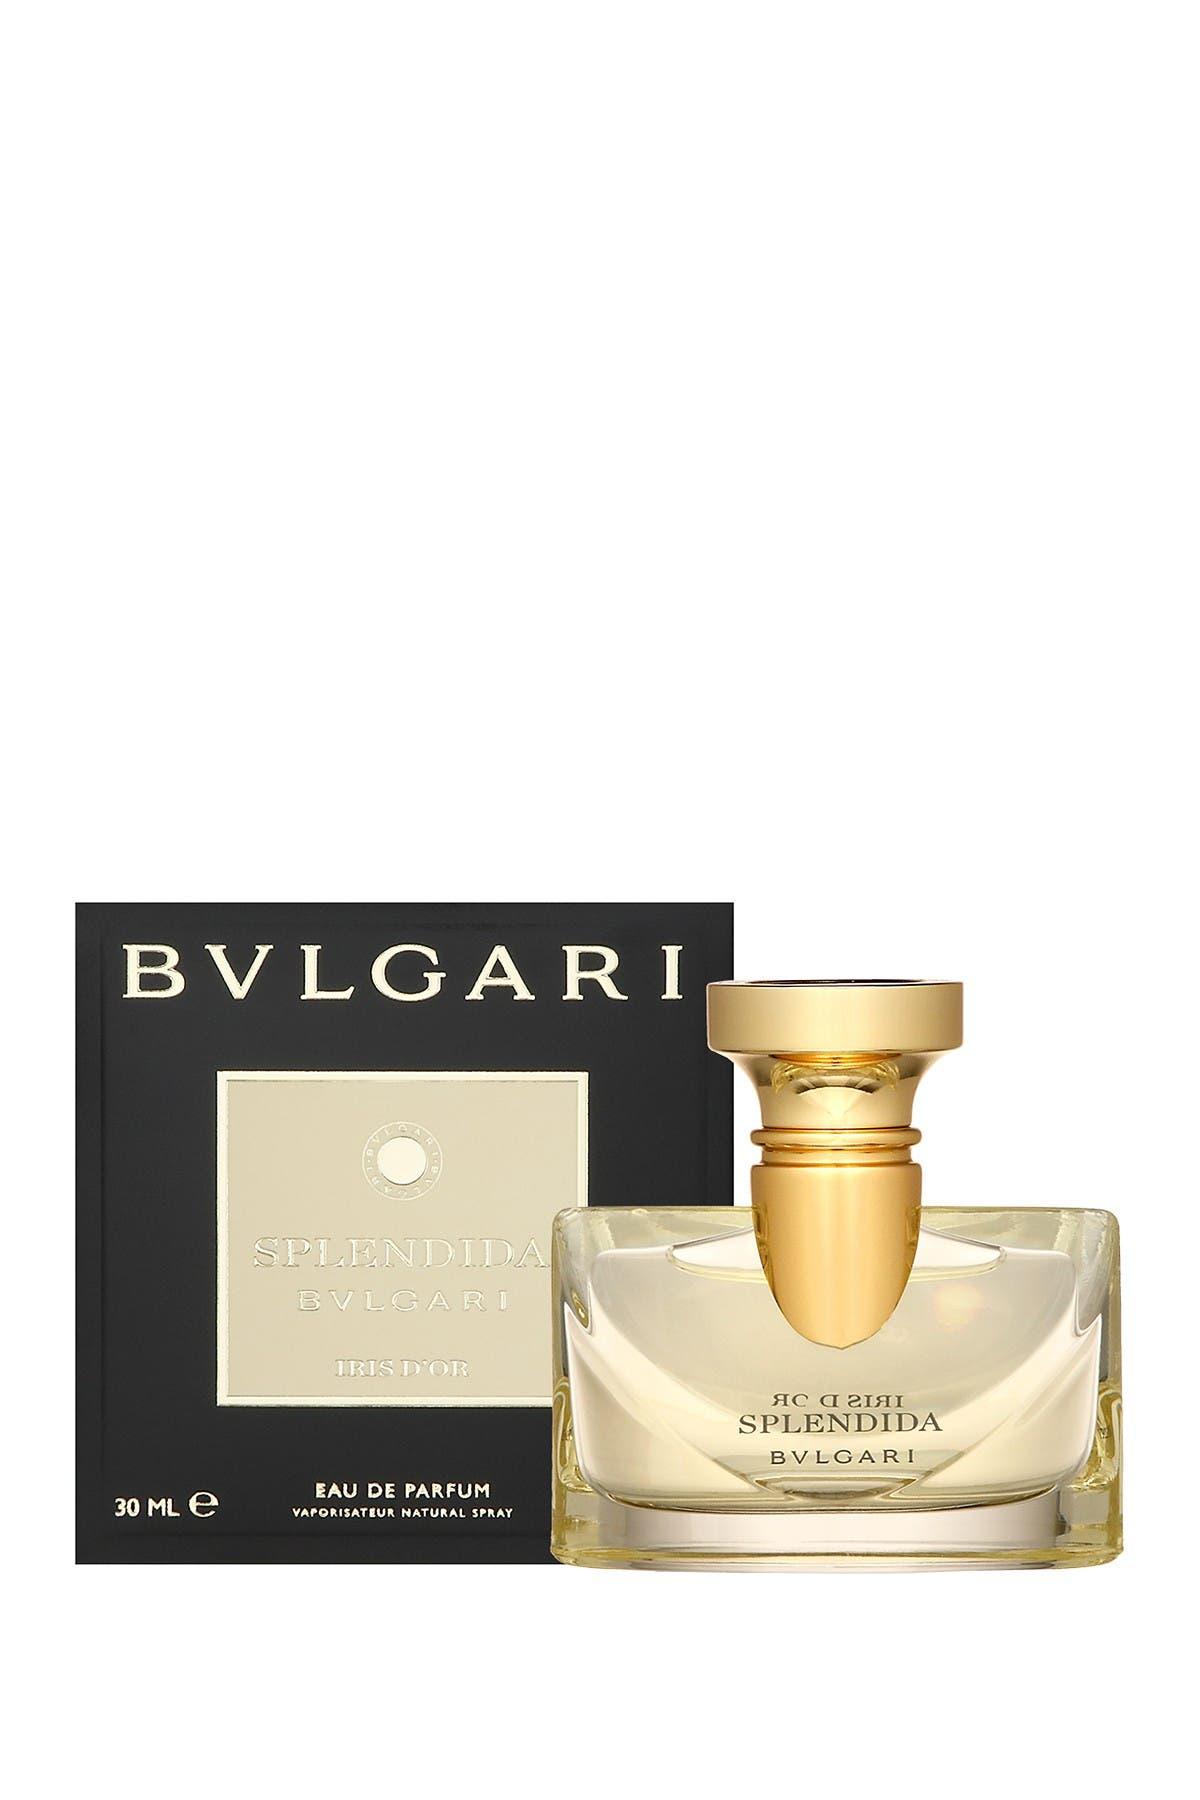 Bvlgari Splendida Iris D'or Eau De Parfum